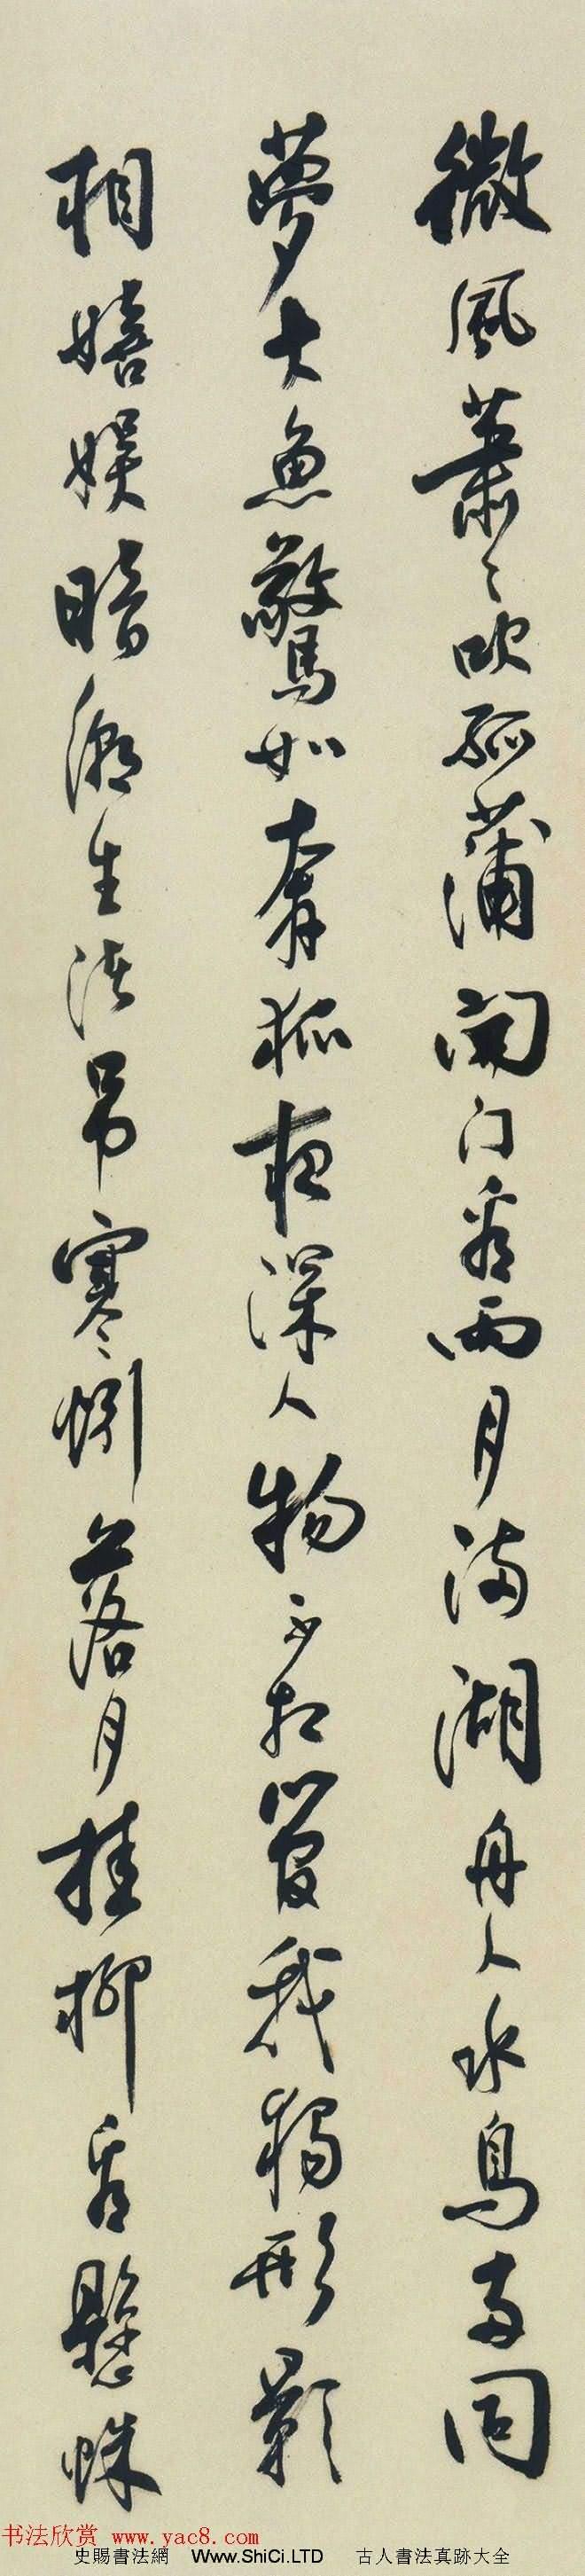 近現代沈尹默行書真跡欣賞《東坡居士詩》(共4張圖片)